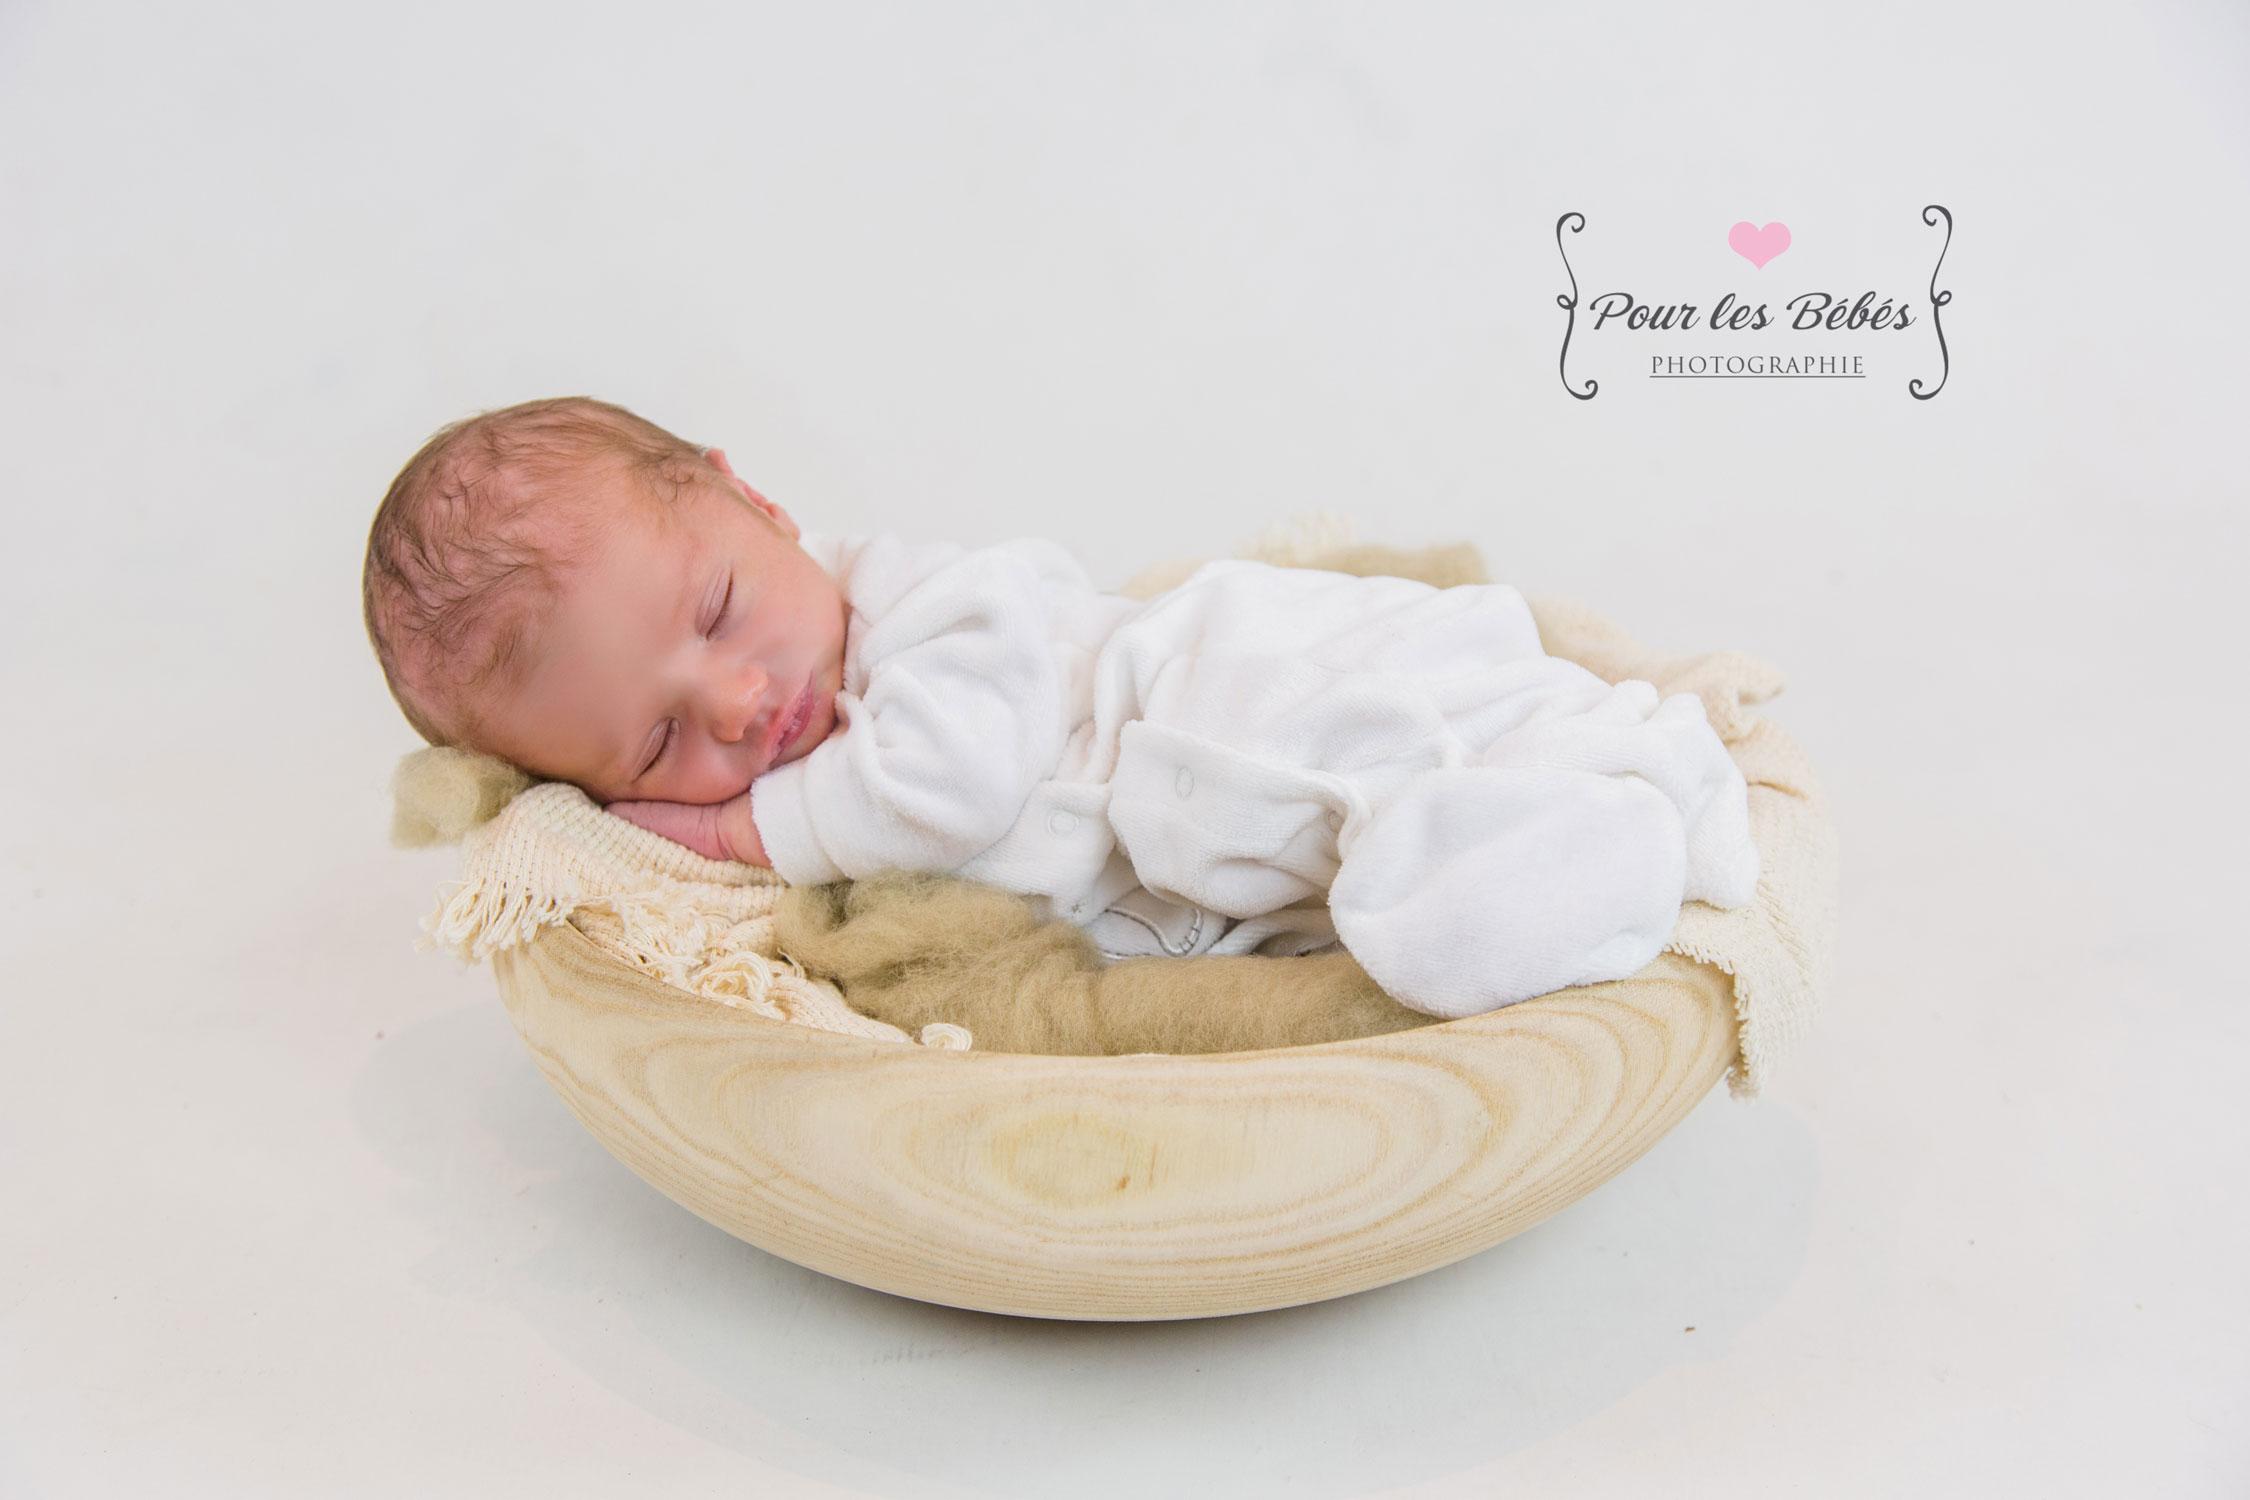 photographe-studio-nouveau-né-famille-enfance-bébé-nourrisson-grossesse-montpellier-nimes-lunel-mauguio-sommières-234